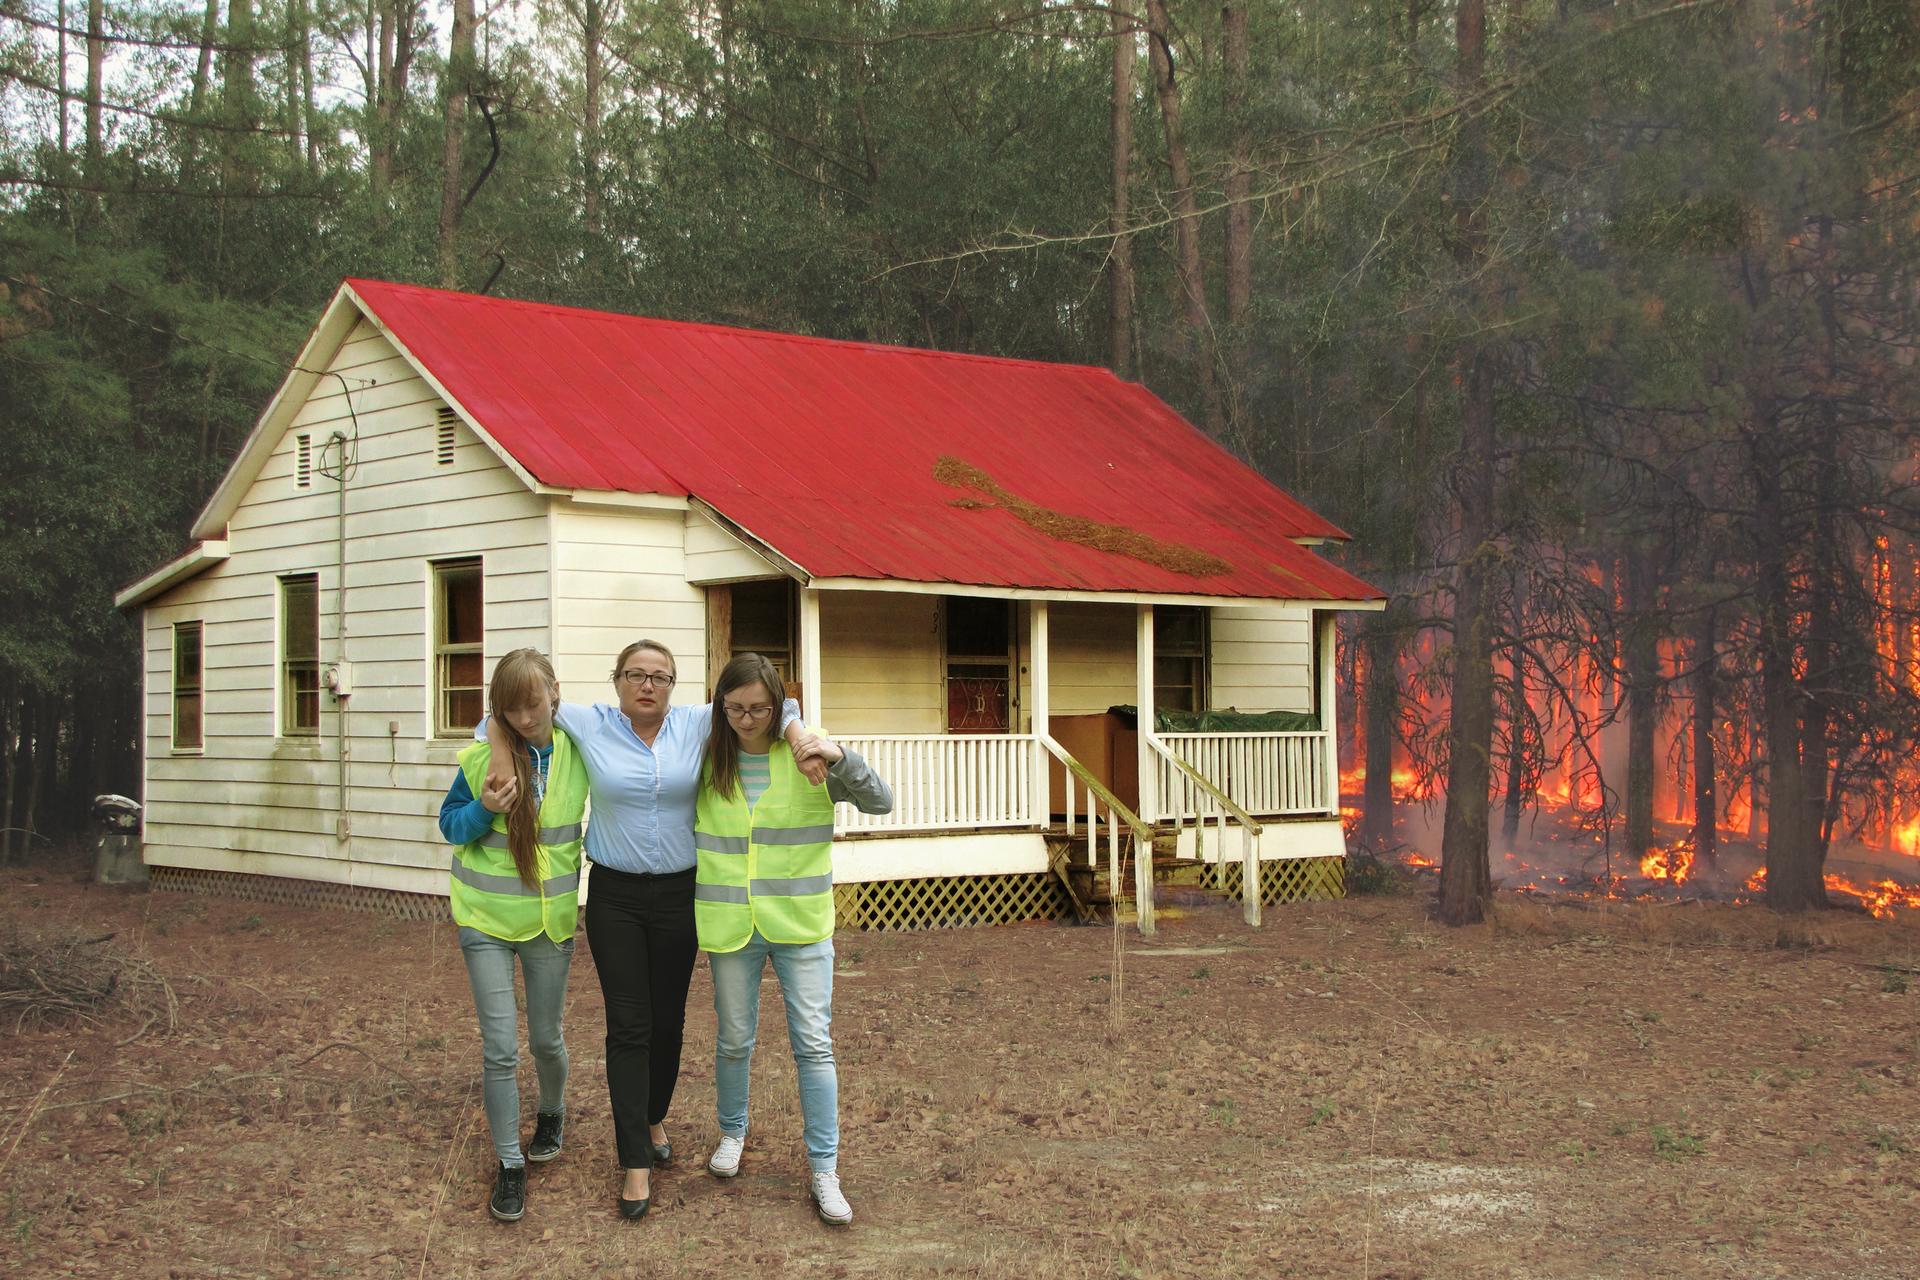 Zdjęcie przedstawia pożar lasu obok budynku mieszkalnego. Wgłębi zdjęcia drewniany budynek jednorodzinny. Za budynkiem palący się gęsty las. Przed budynkiem dwie uczennice pomagają wyprowadzić kobietę zmiejsca zagrożenia. Uczennice ubrane są wkamizelki zodblaskowymi pasami.